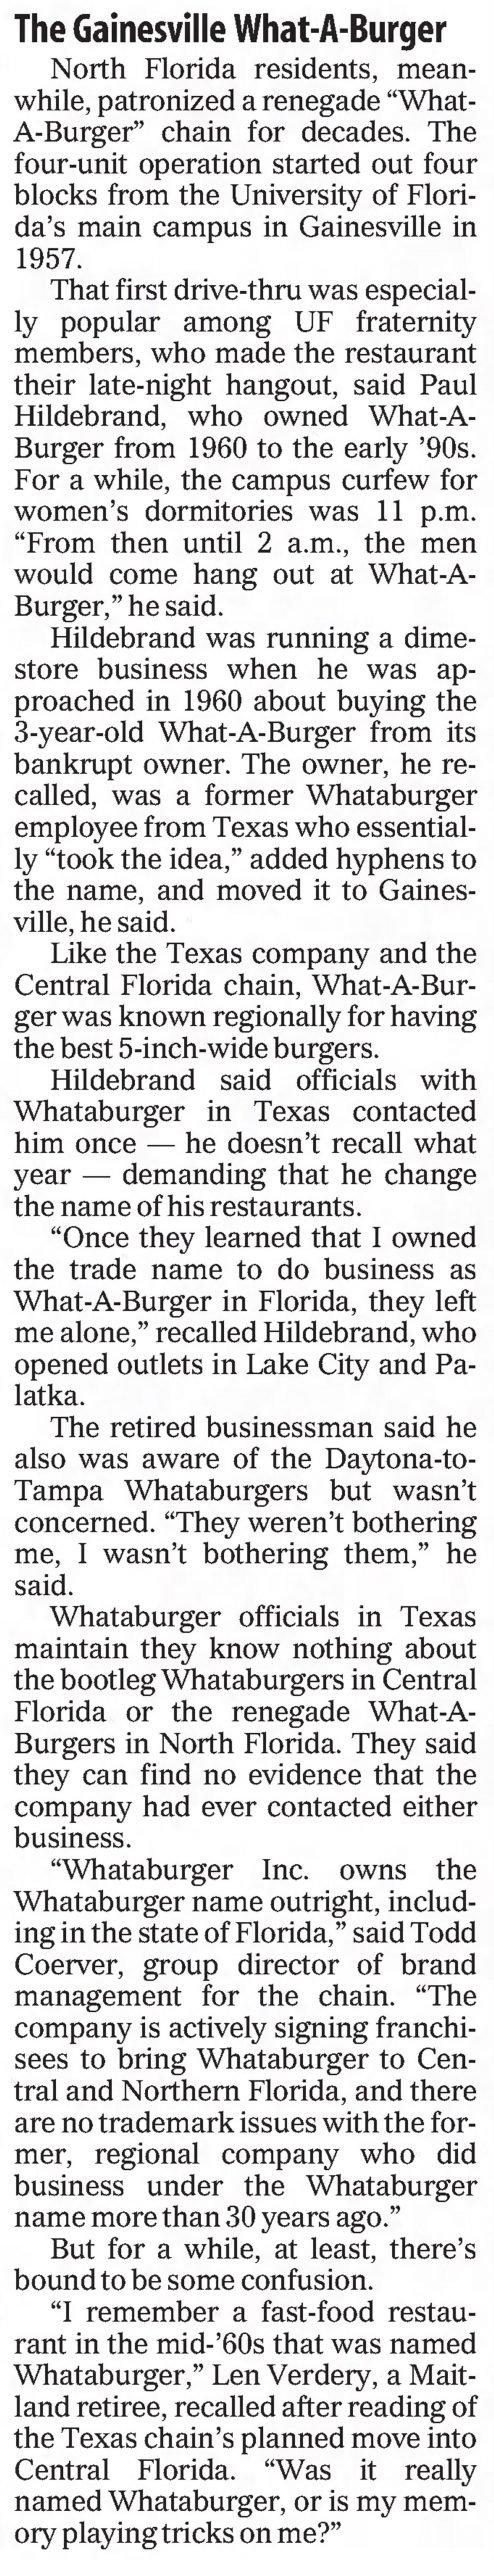 Whataburger in Gainesville